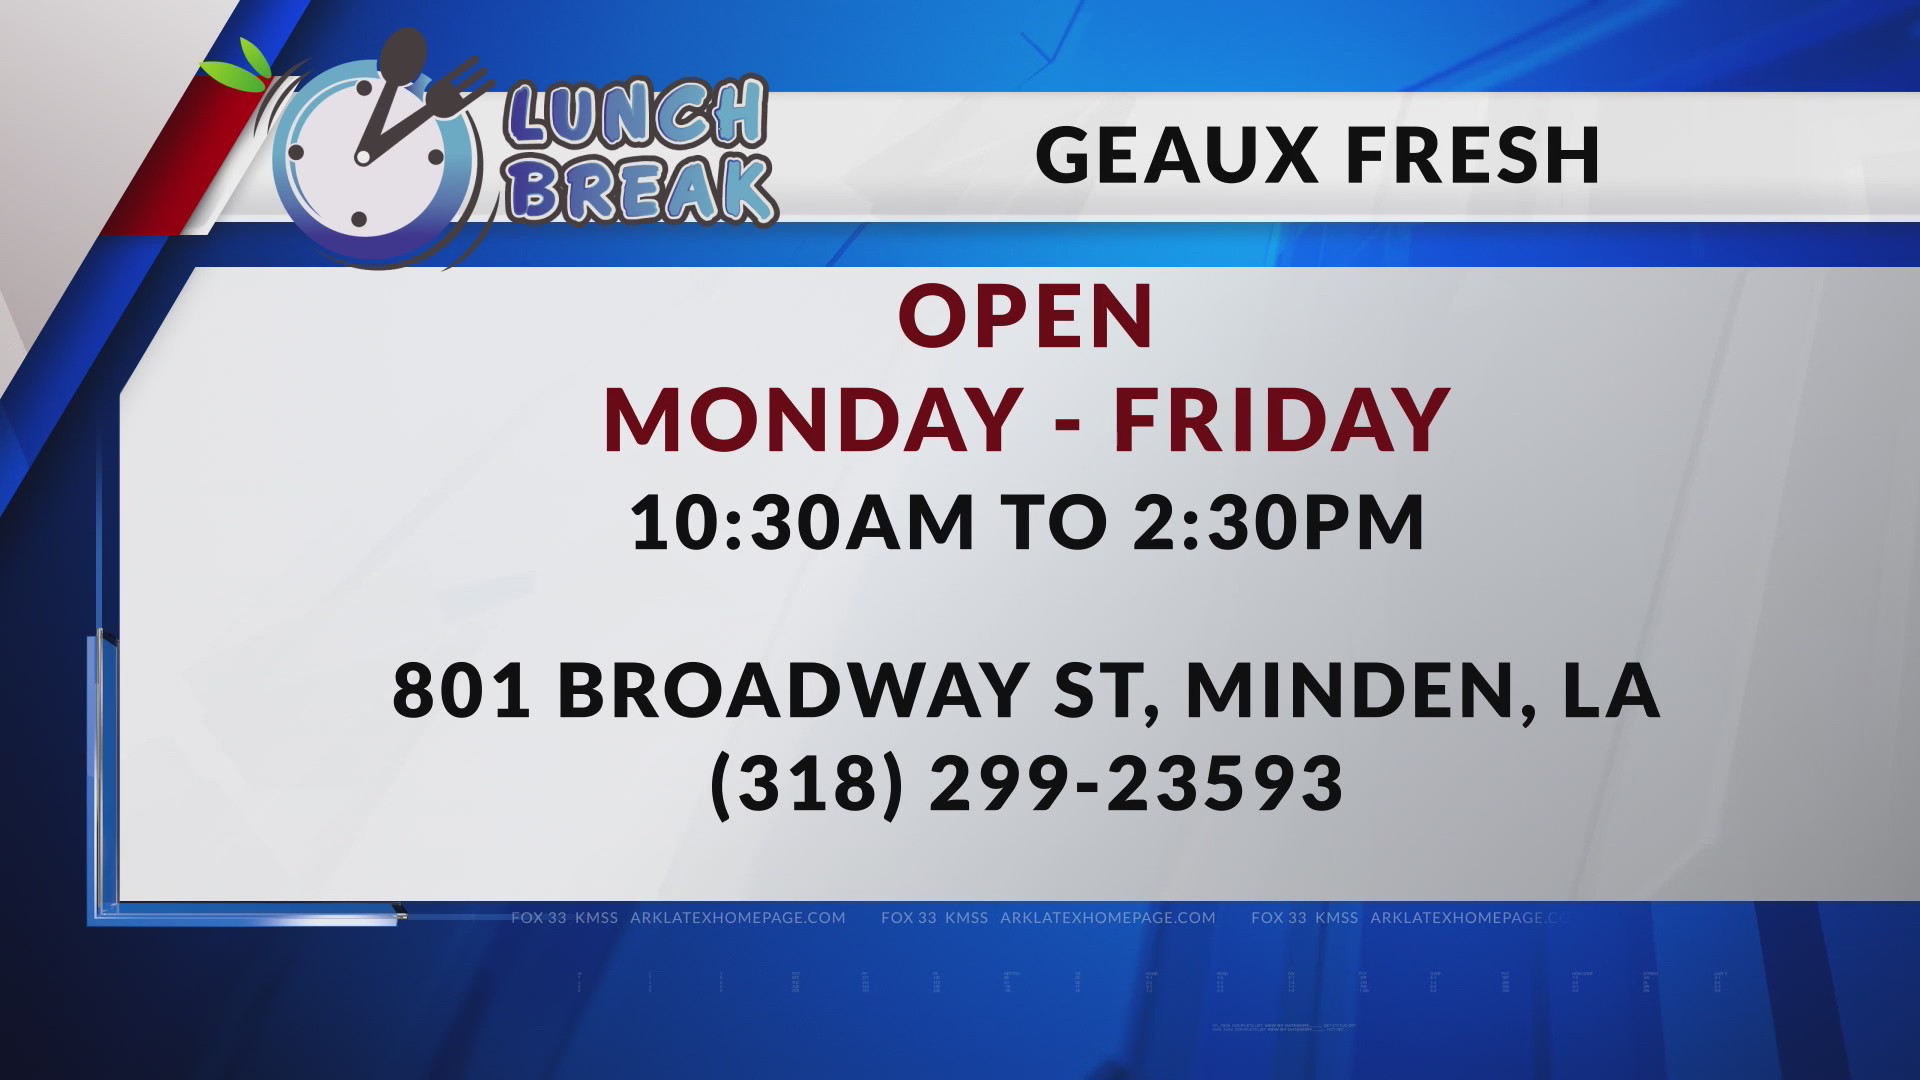 FOX 33 Lunch Break: Geaux Fresh | ArkLaTexHomepage